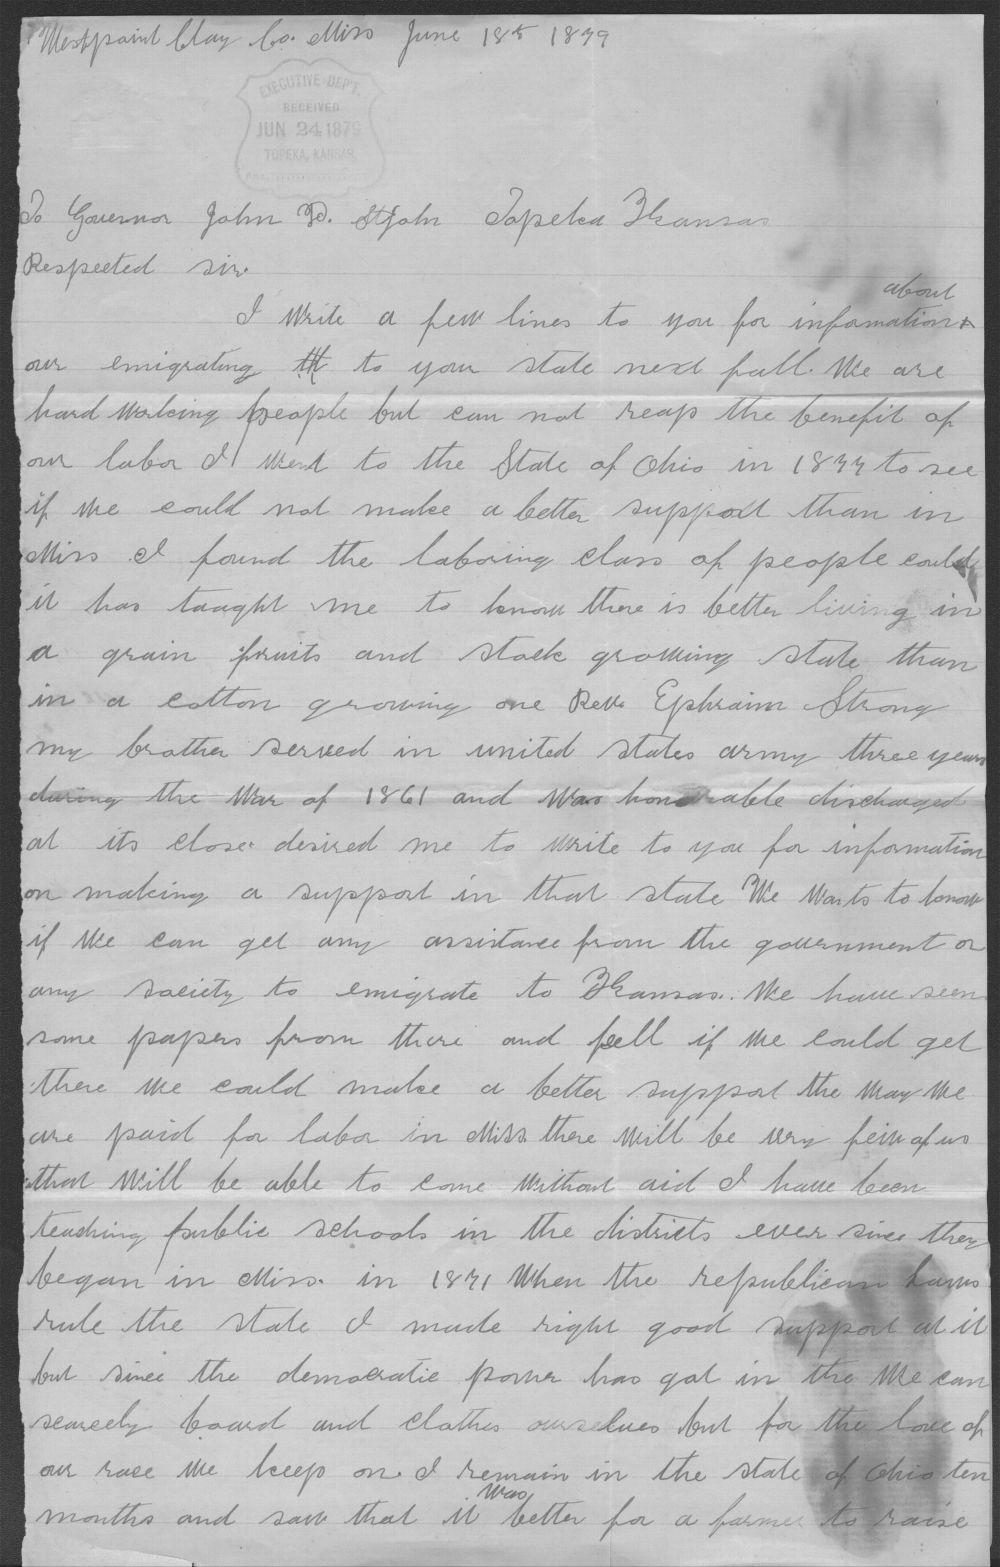 Roseline Cunningham to John P. St. John - 1